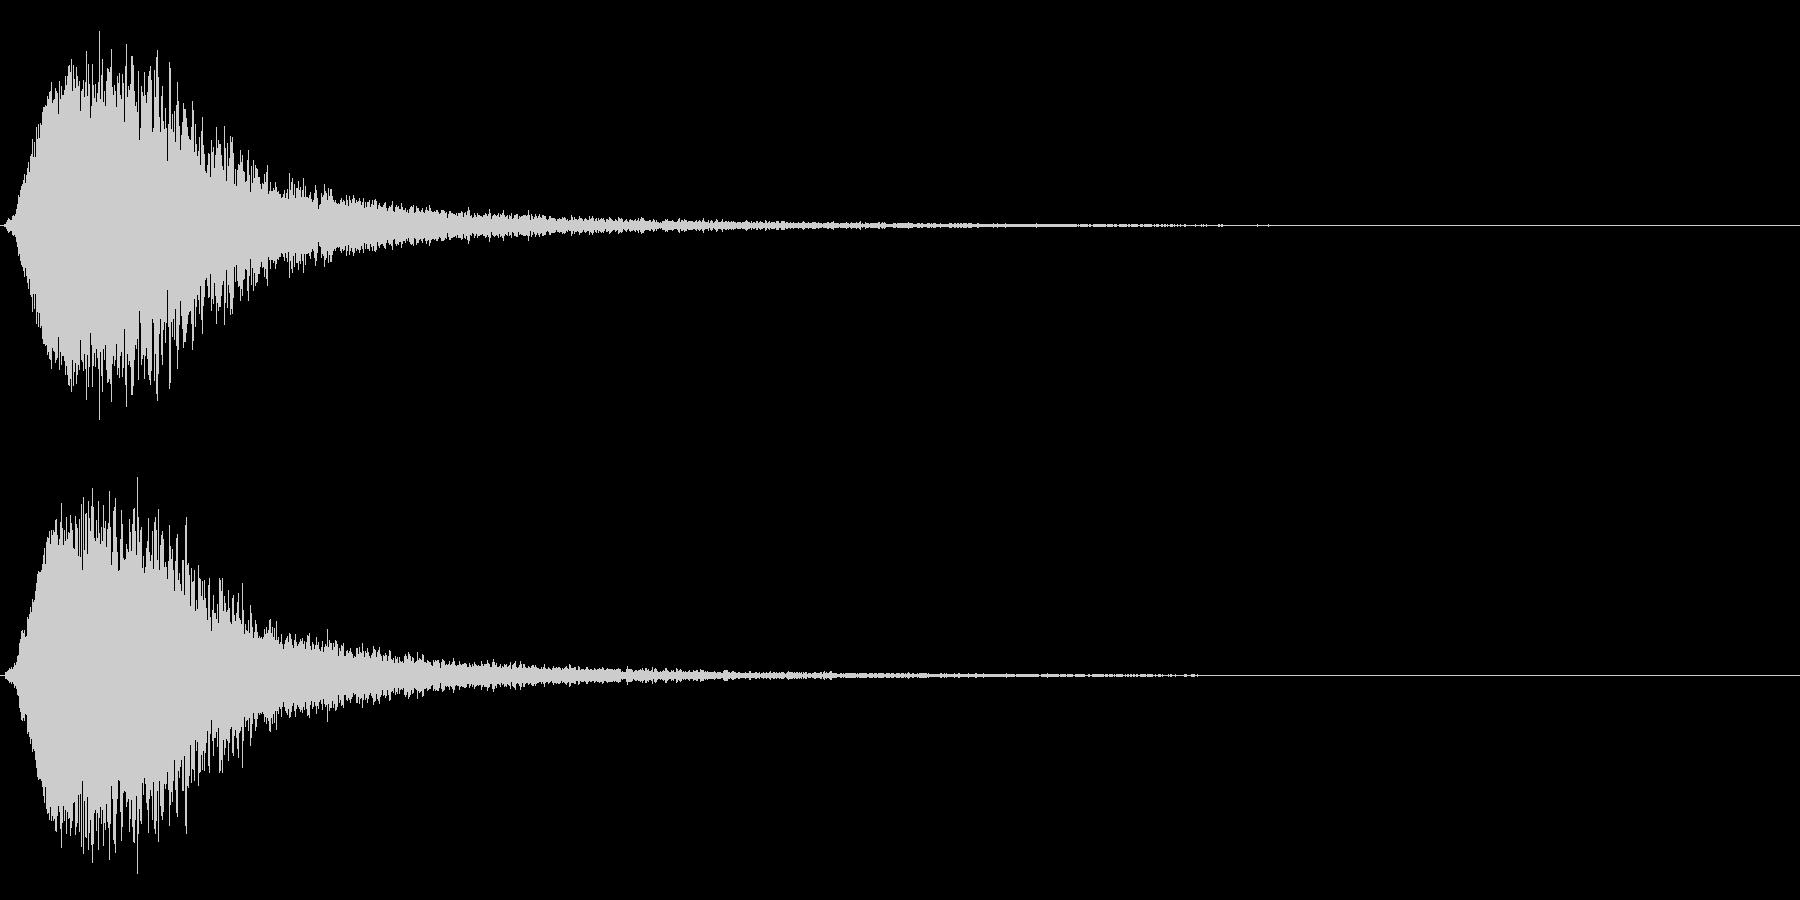 キラン☆シャキーン/派手なインパクト3vの未再生の波形